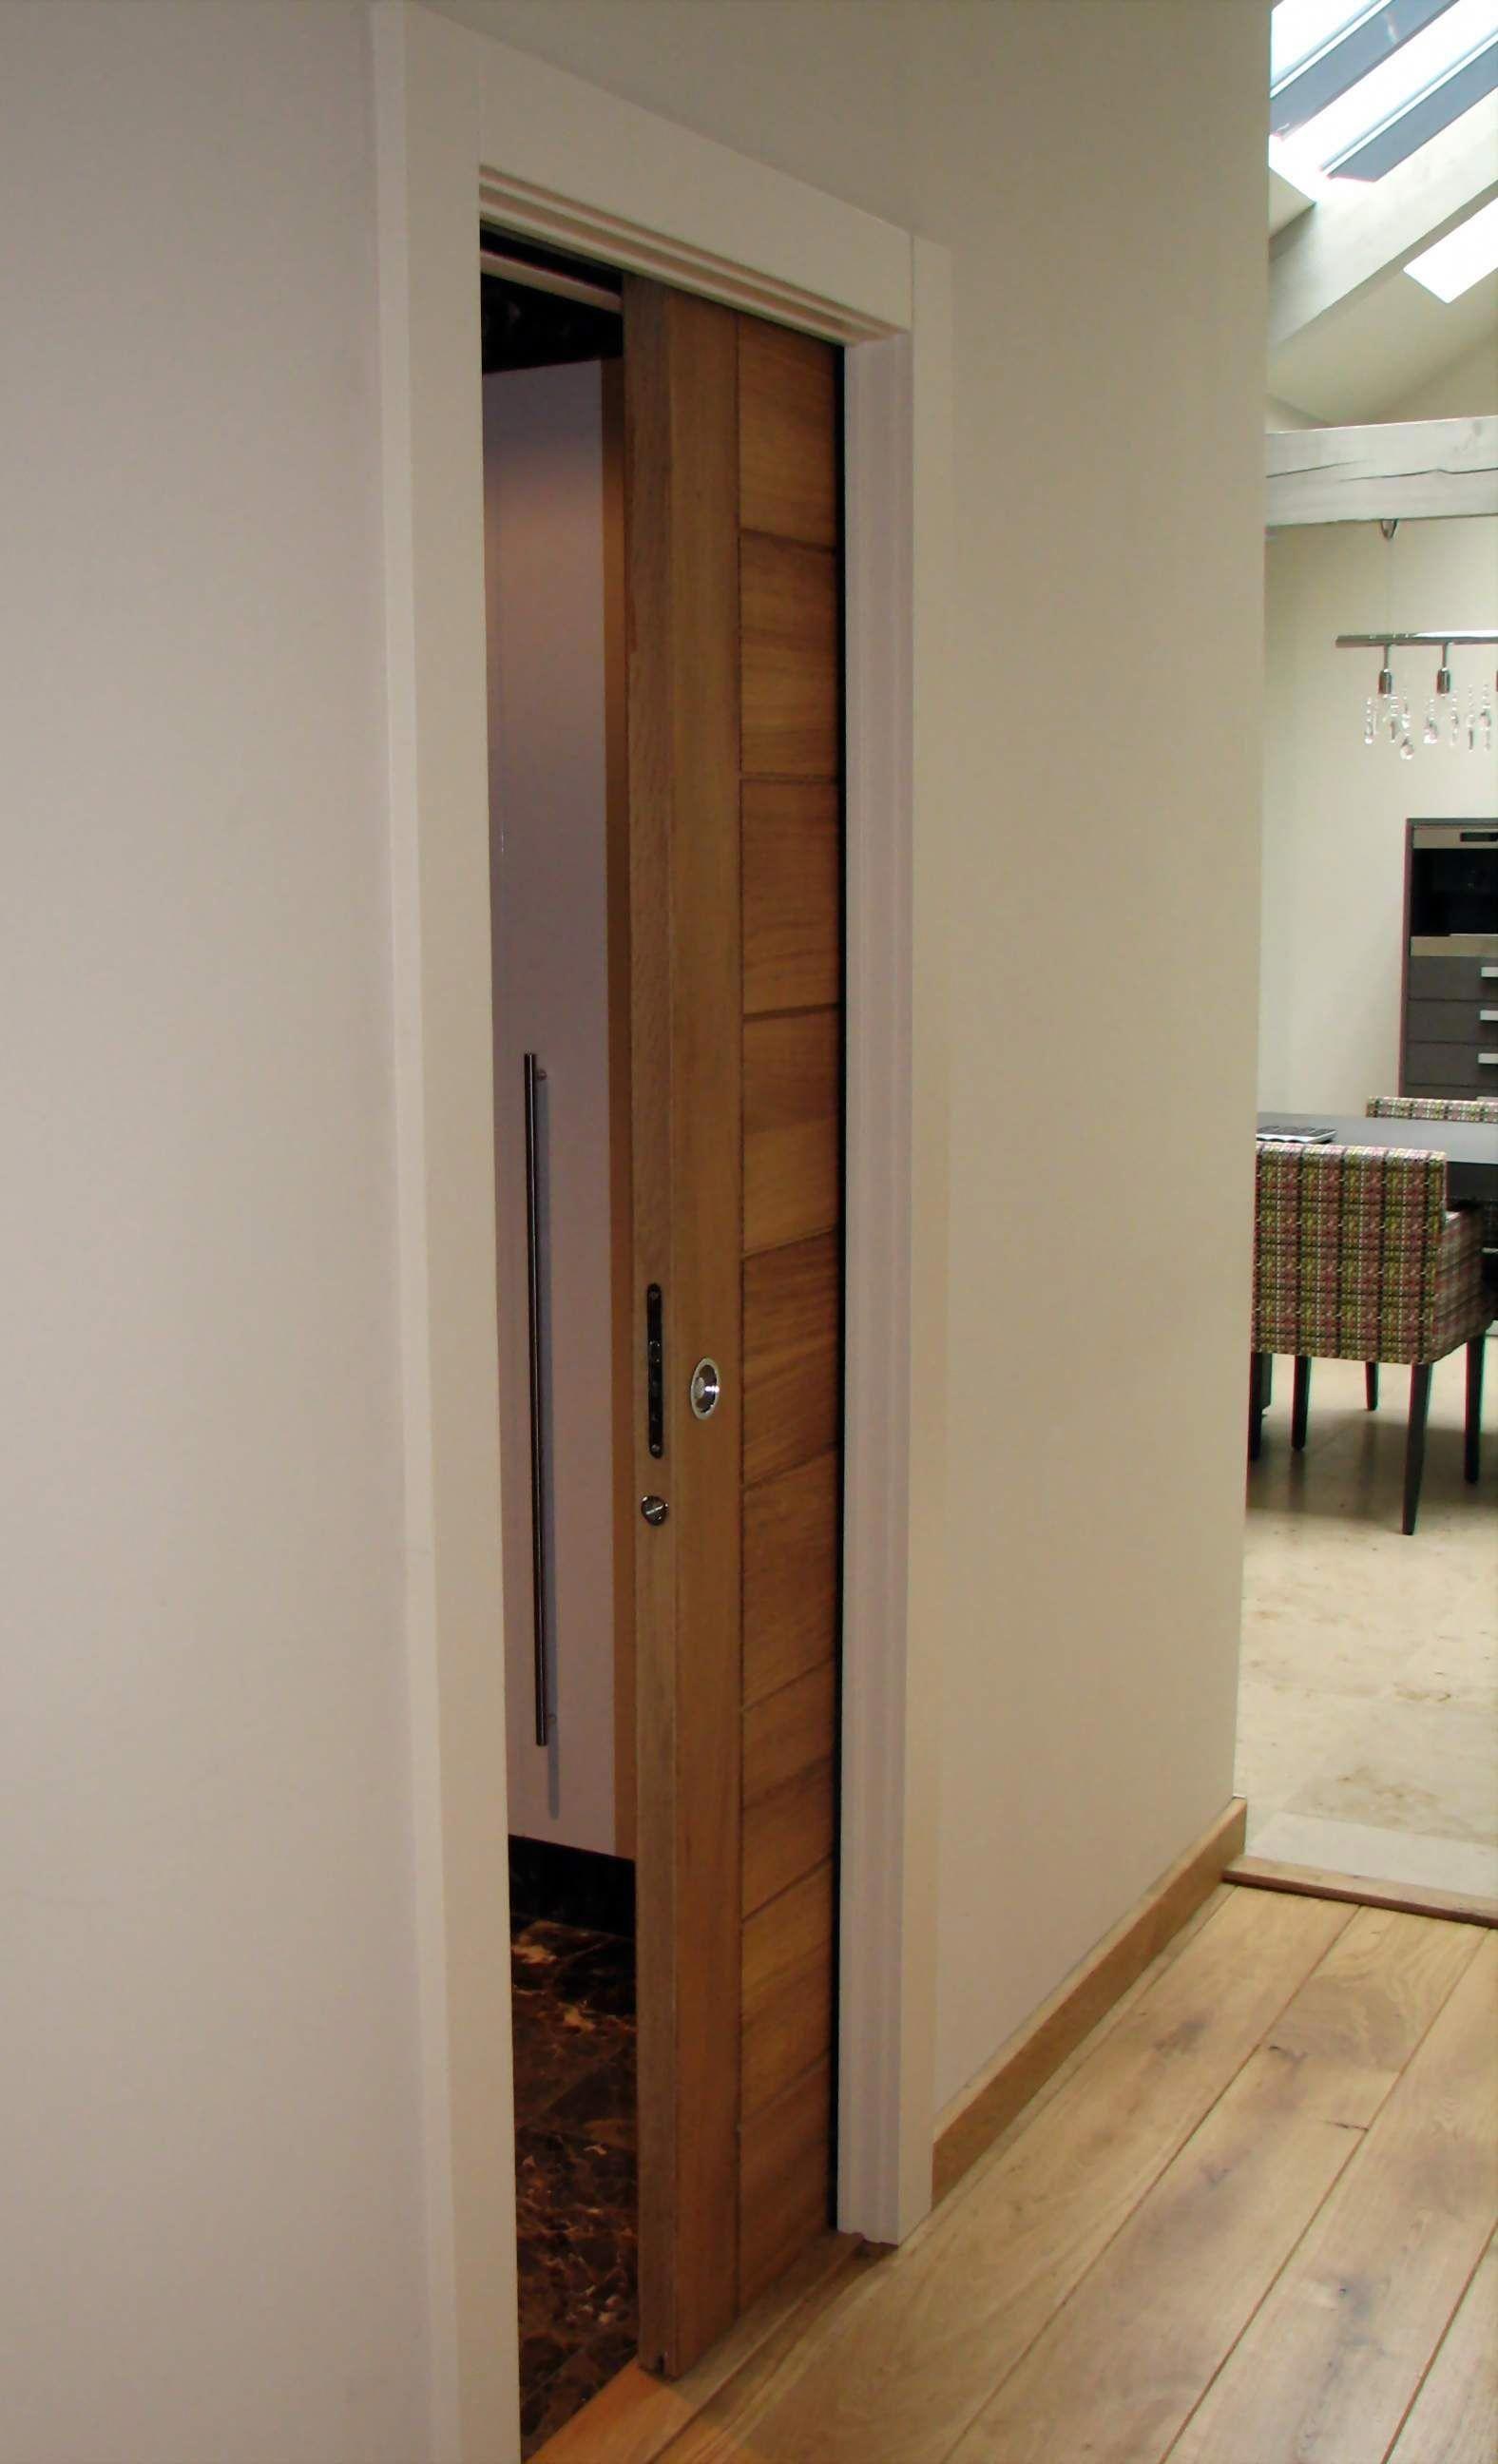 Entry Doors Indoor Doors Sliding Closet Doors For Sale 20190121 Pocket Doors Bathroom Sliding Pocket Doors Pocket Doors